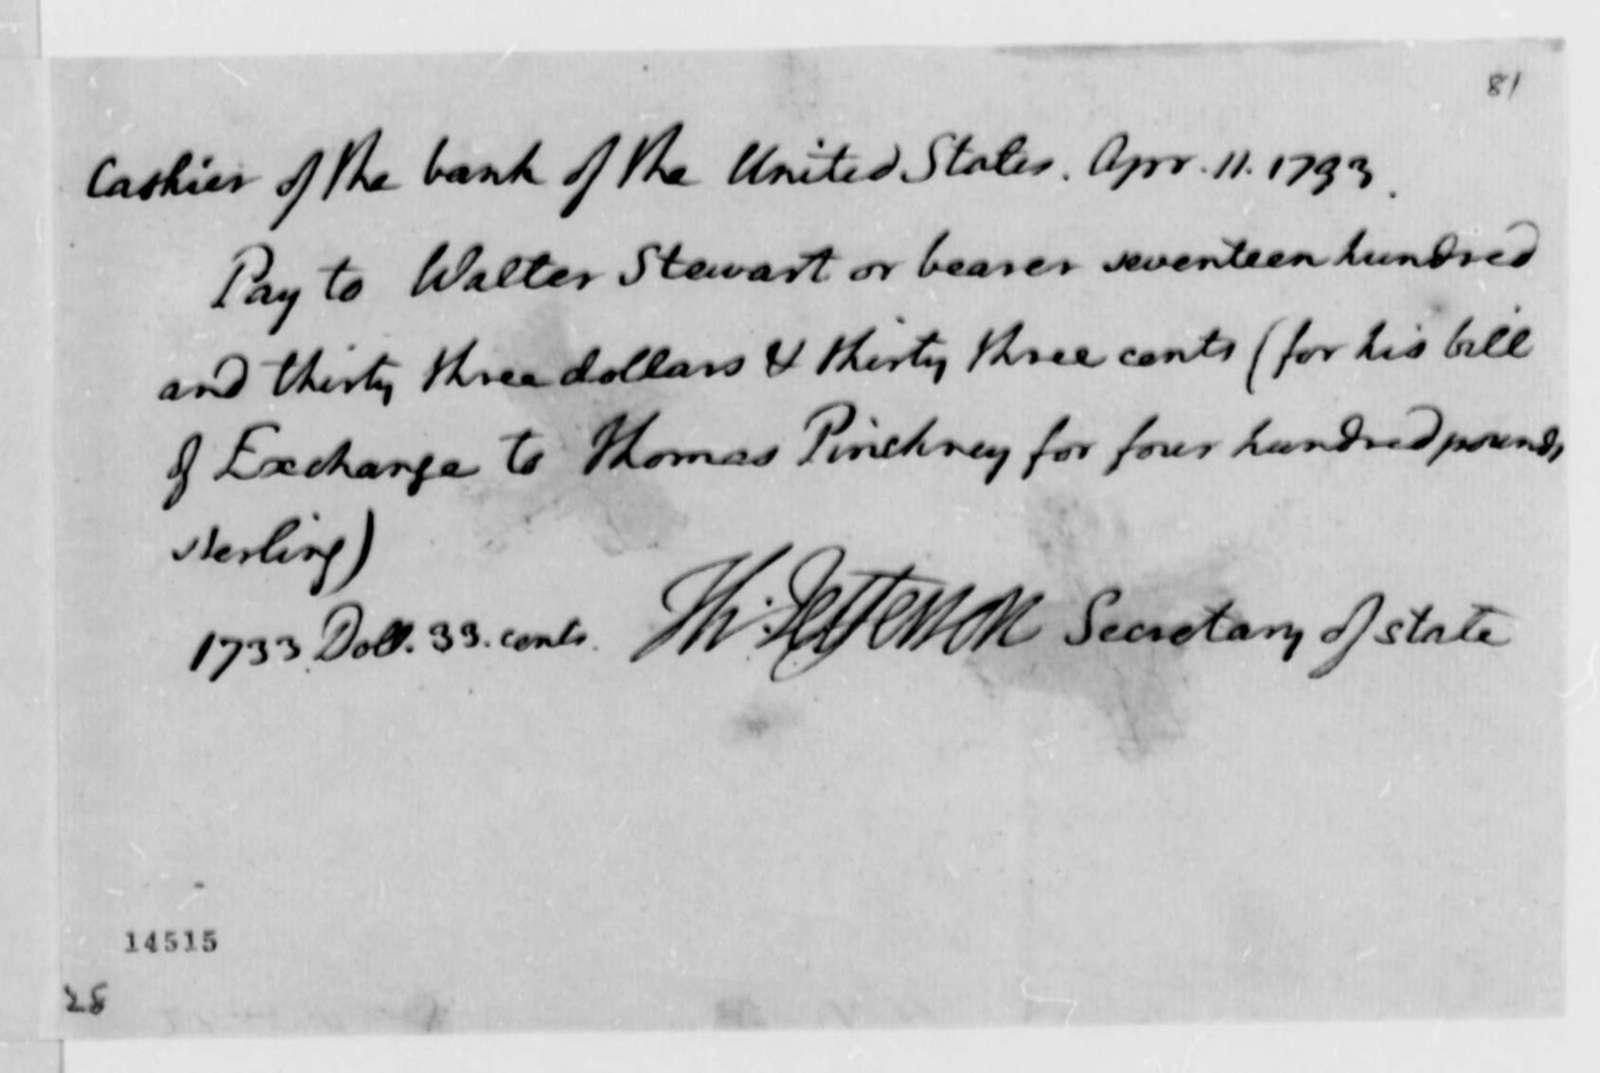 Walter Stewart, April 11, 1793, U.S. Bank Draft